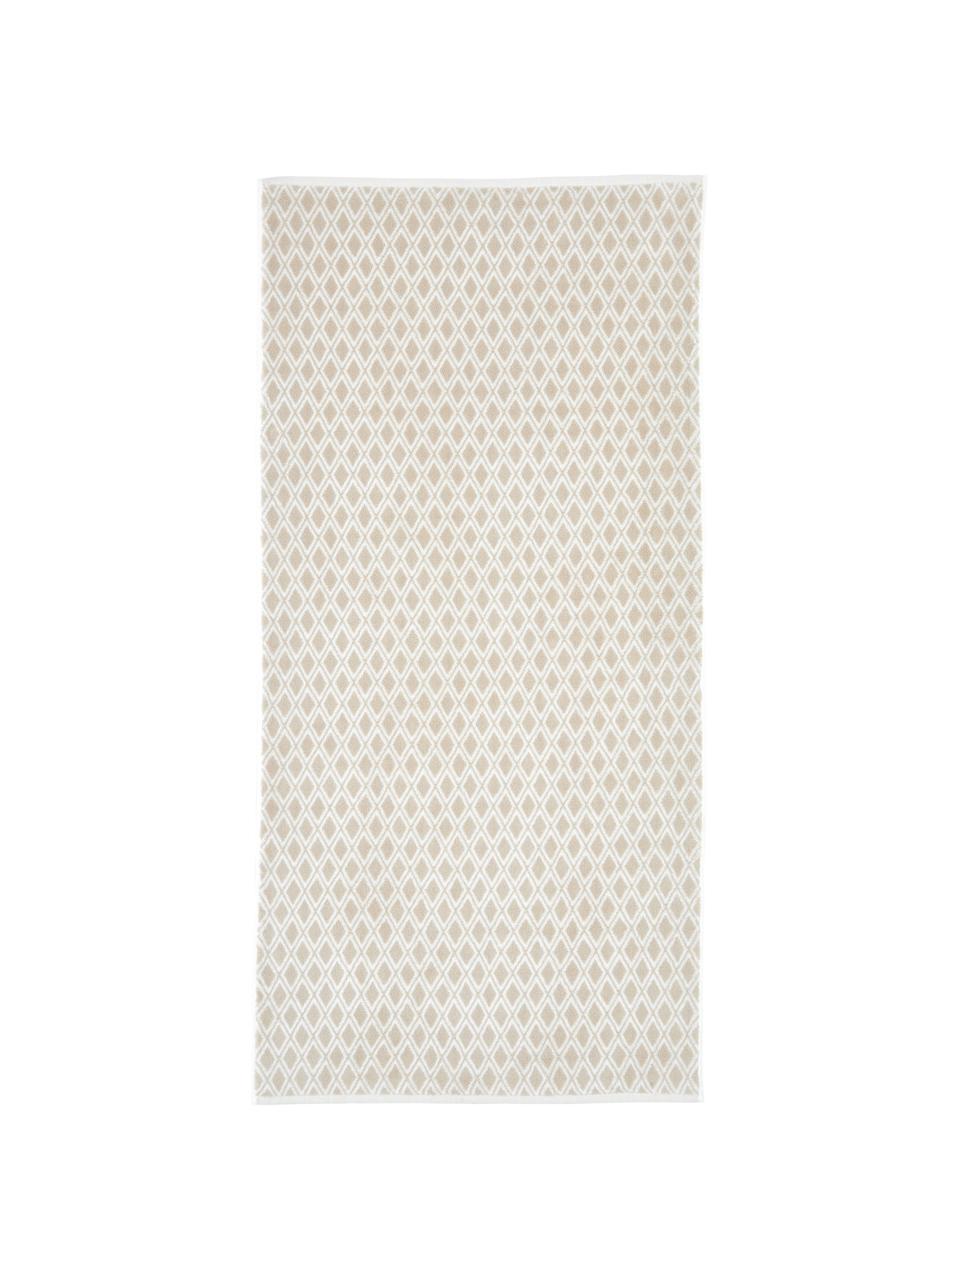 Lot de serviettes de bain réversibles Ava, 3 élém., Couleur sable, blanc crème